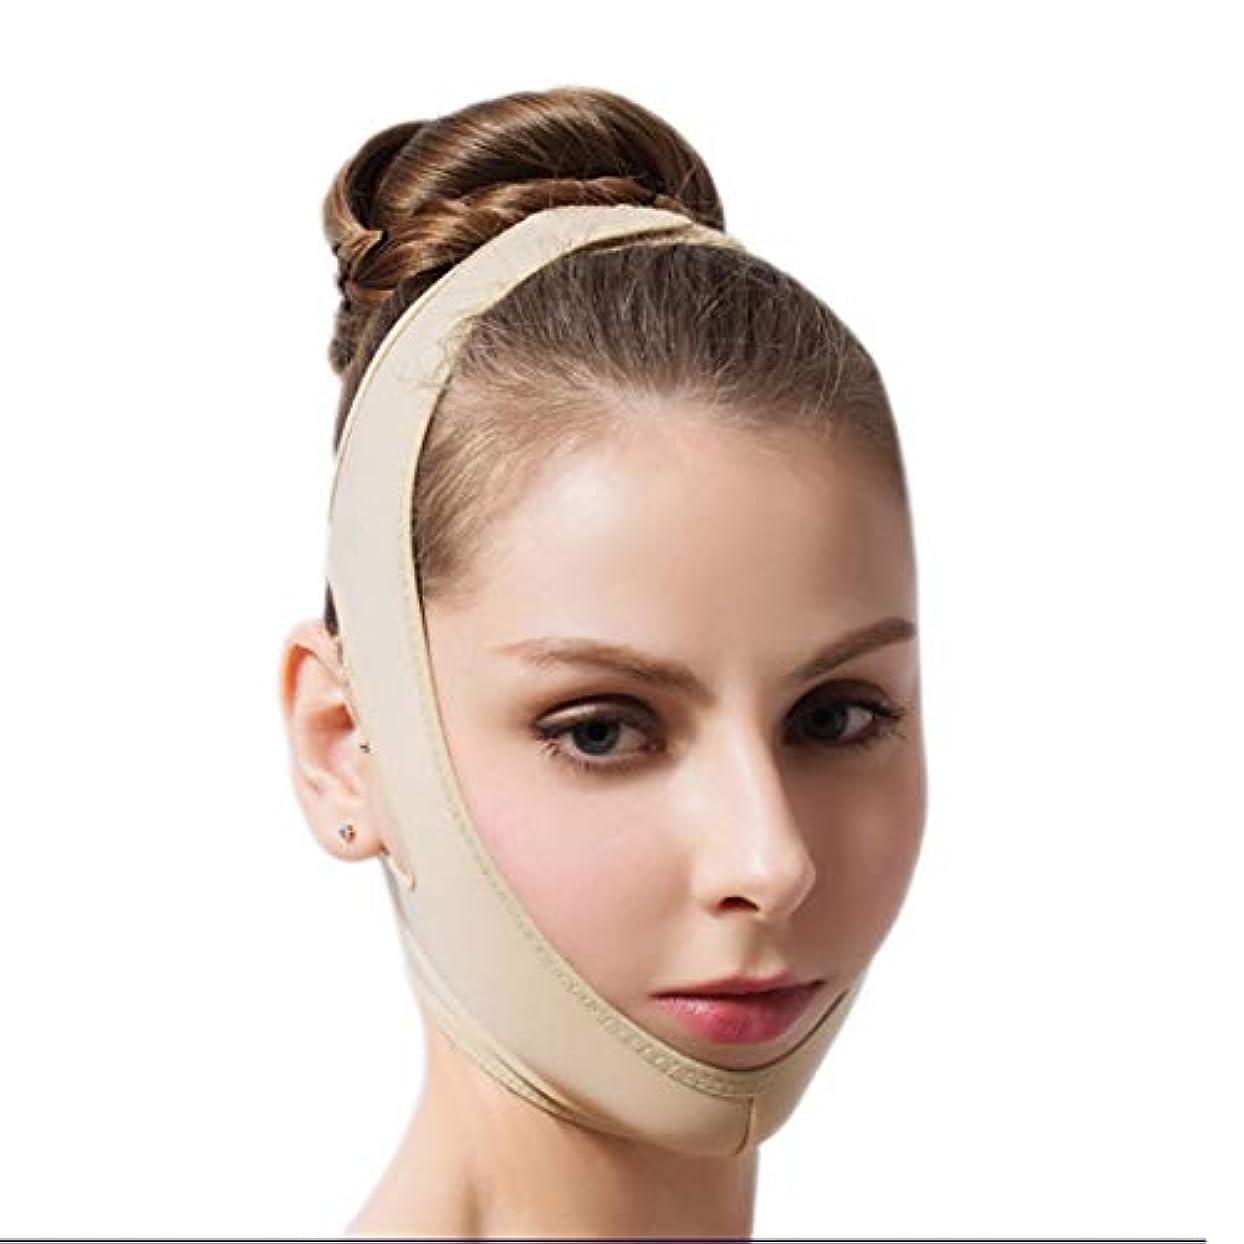 雄弁なデコラティブいたずらなZWBD フェイスマスク, フェイスリフト包帯V整形術後回復包帯医療グレードマスクバンドルジョー二重あご (Size : L)